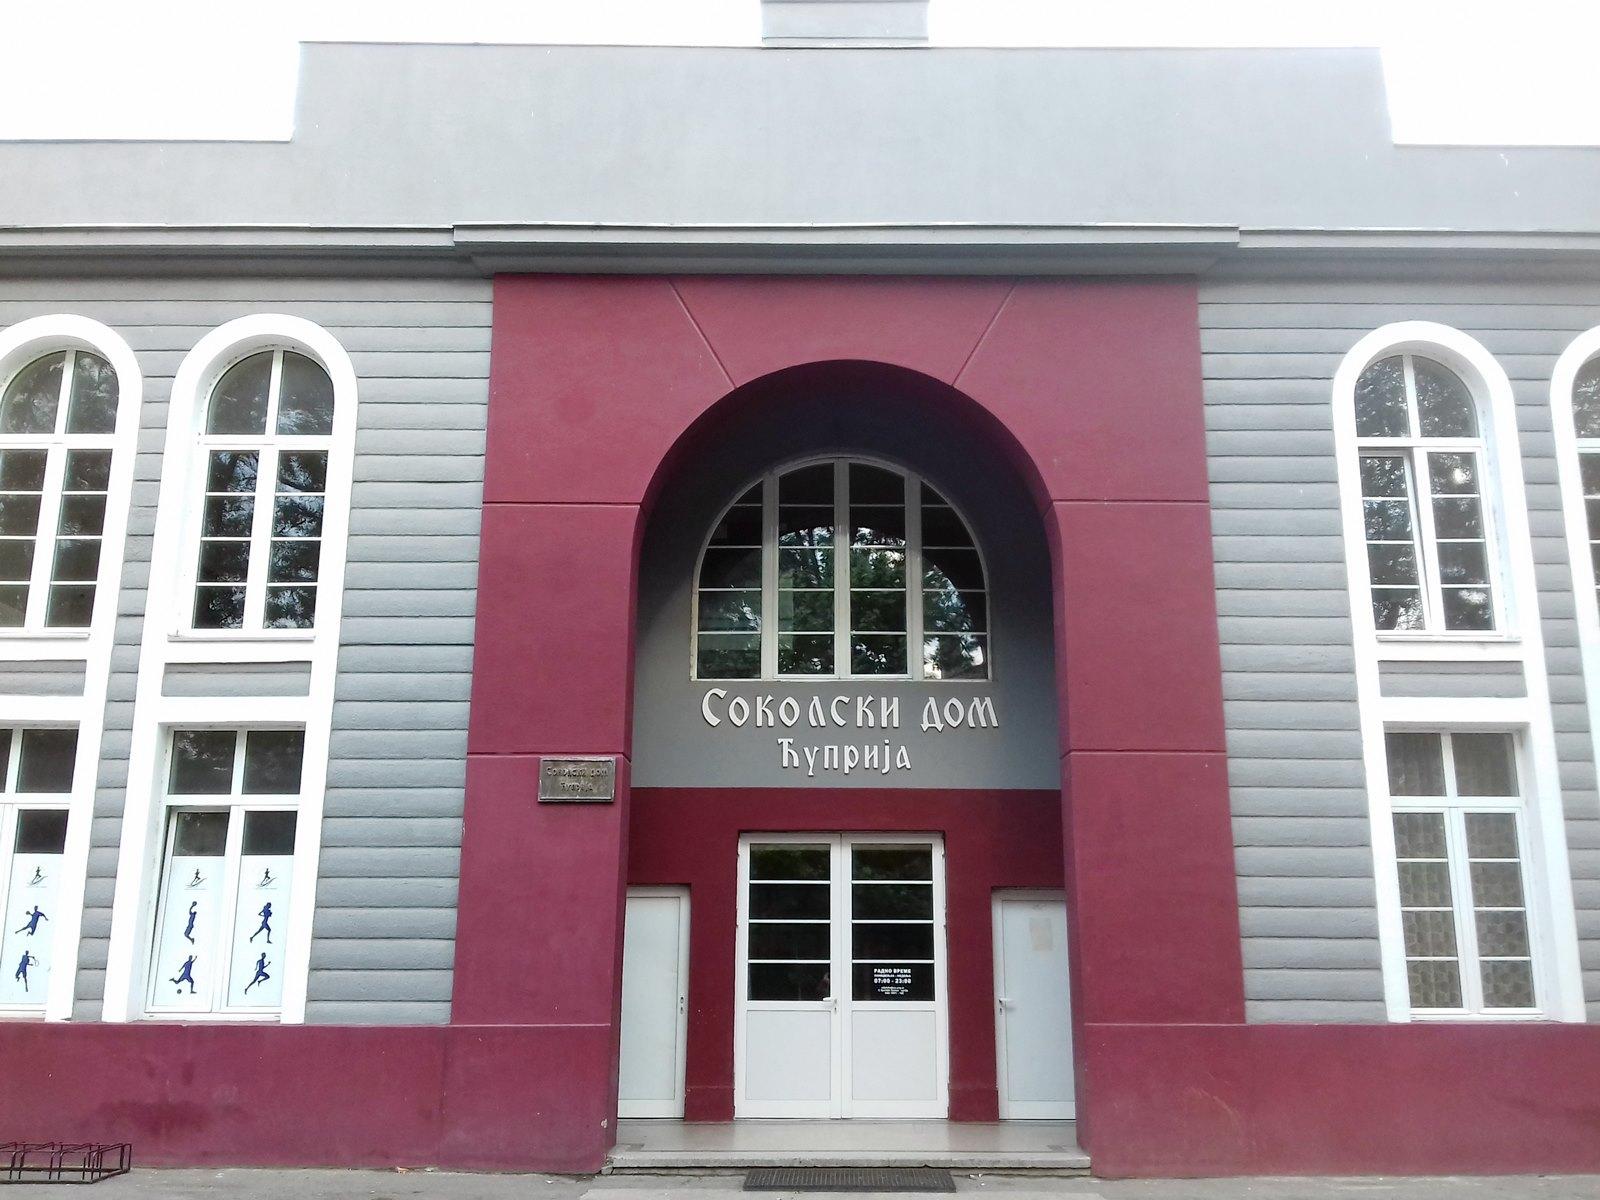 Sokolski dom 4